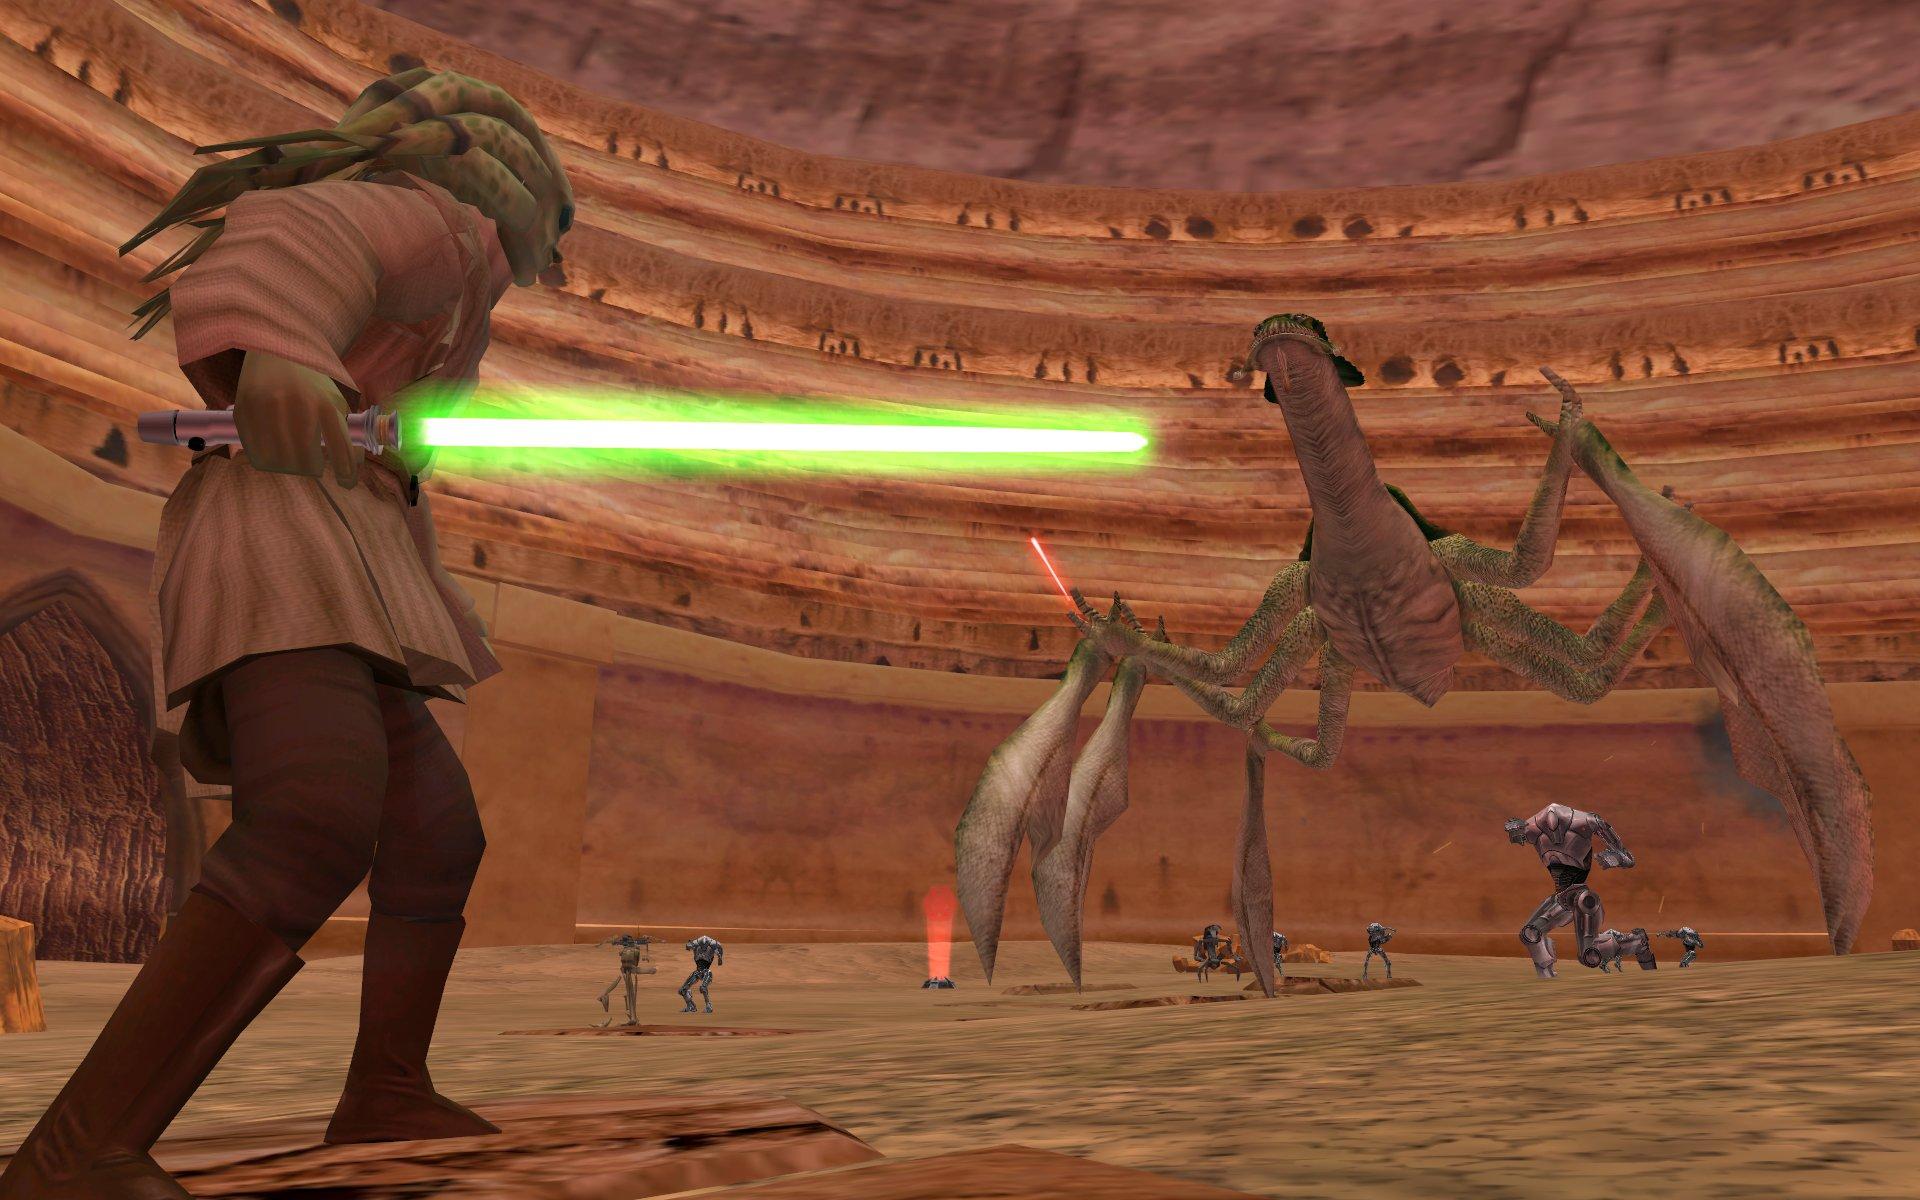 Скачать торрент star wars battlefront 2+mods